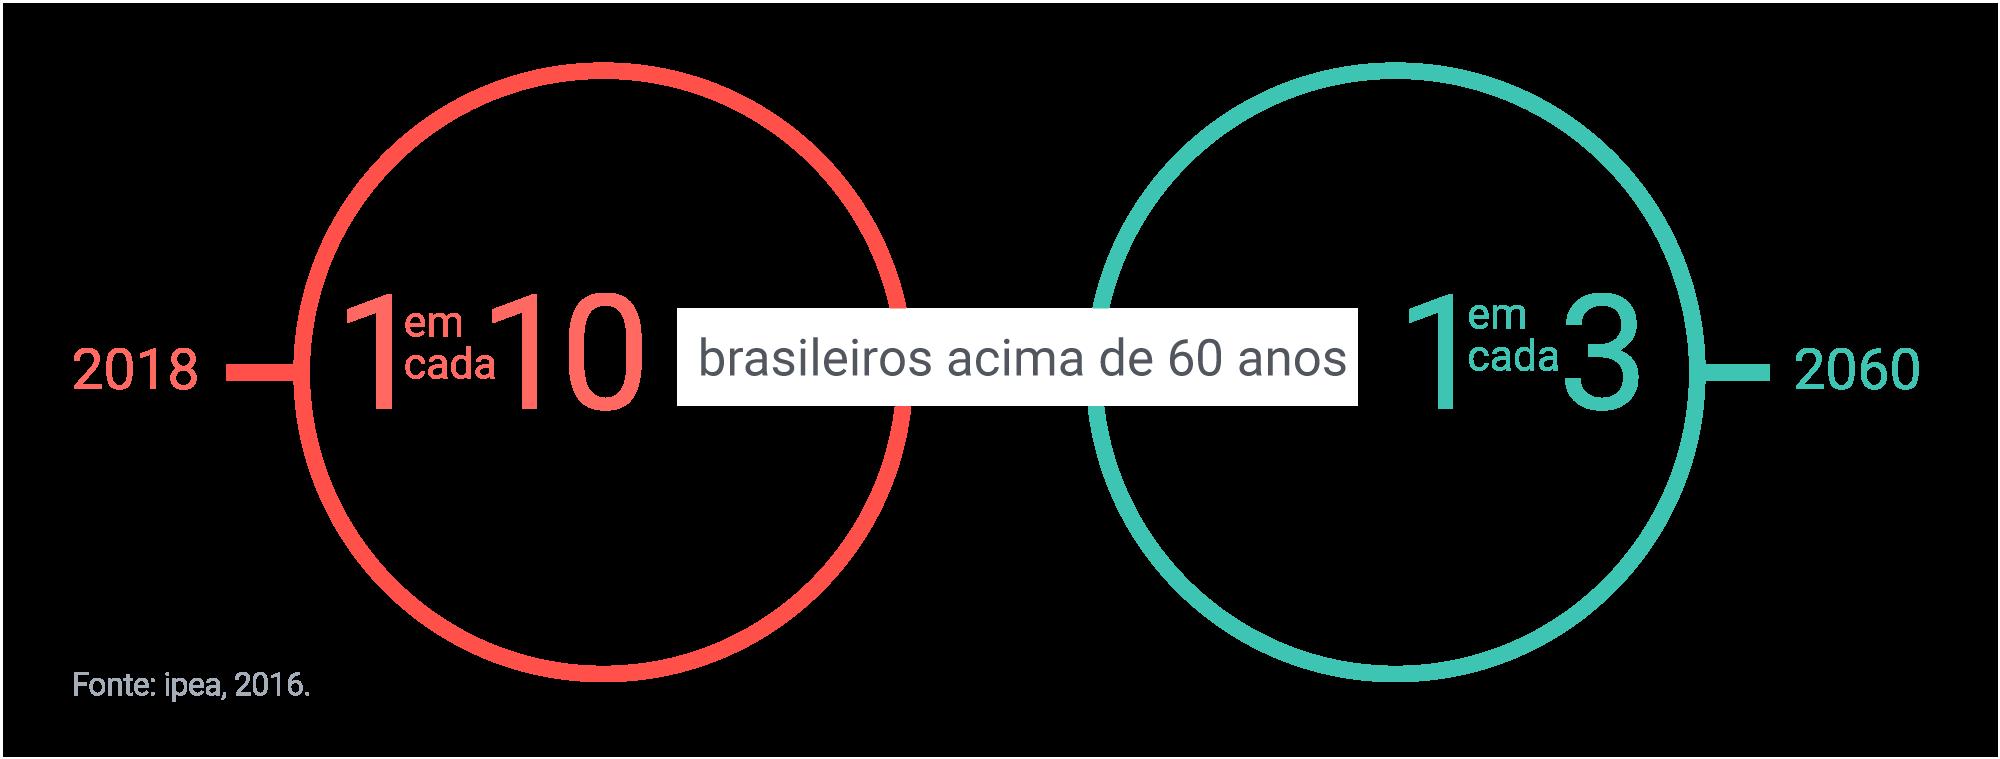 Brasileiros acima dos 60 anos - 2018: 1 em cada 10, 2060: 1 em cada 3